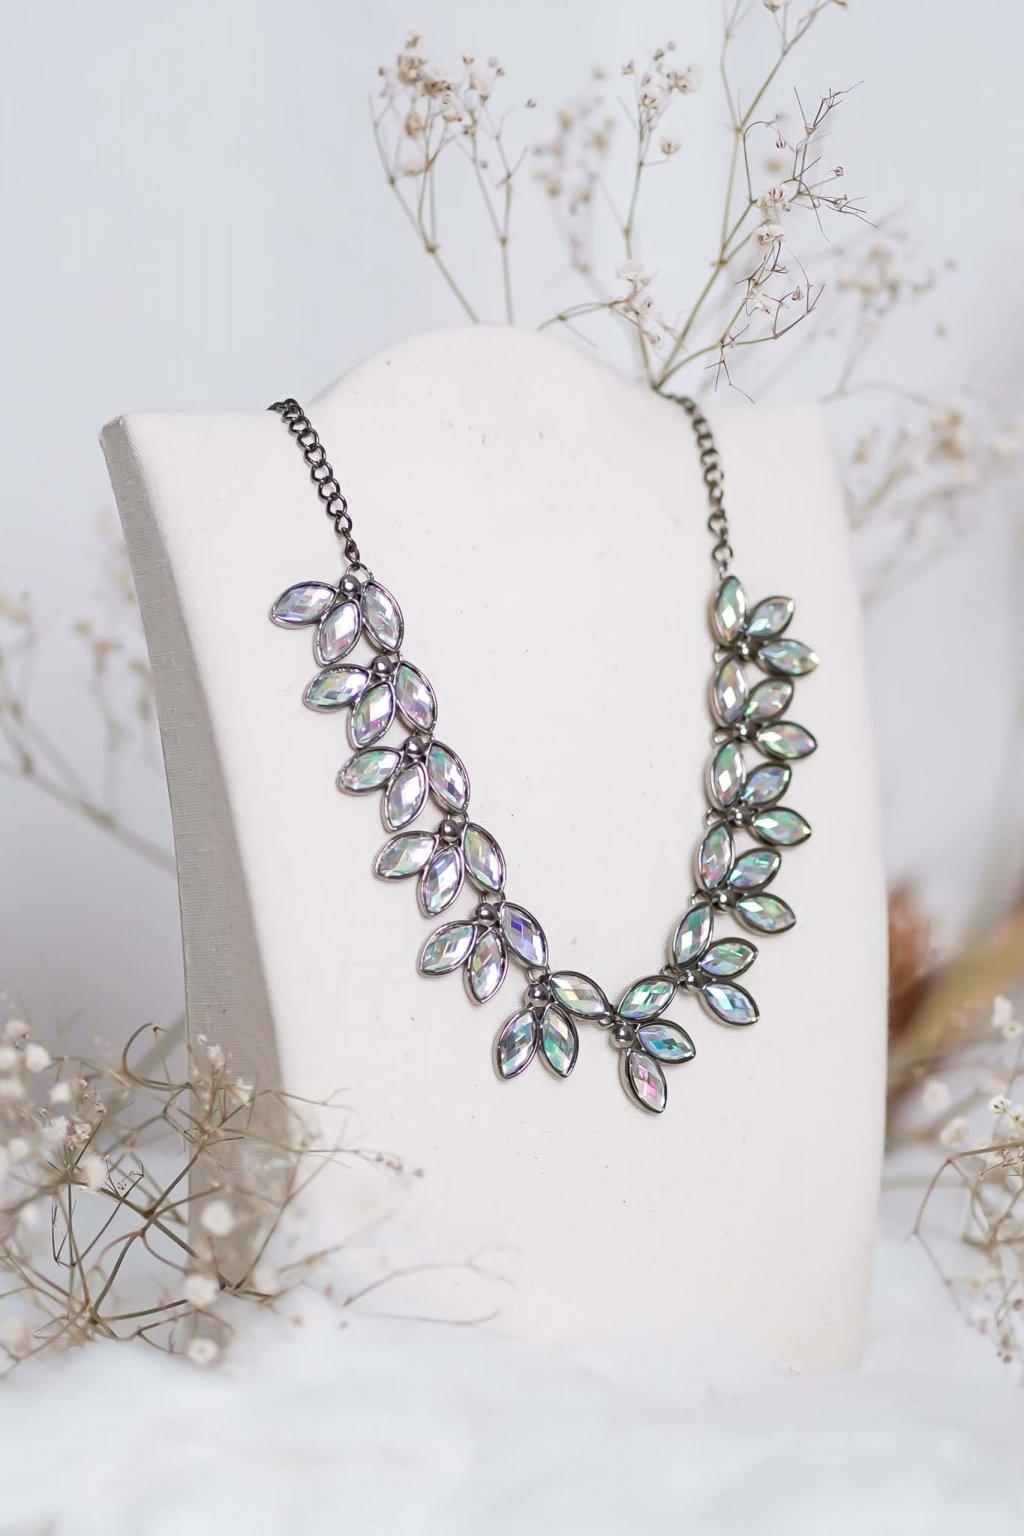 náhrdelník, spoločenský, bežný deň, kamienkový, farebný, čierny, strieborný, zelený, cyklamenévy, náhrdelník, bižuteria, šperk, šperky, ples, stužková, svadba, 033